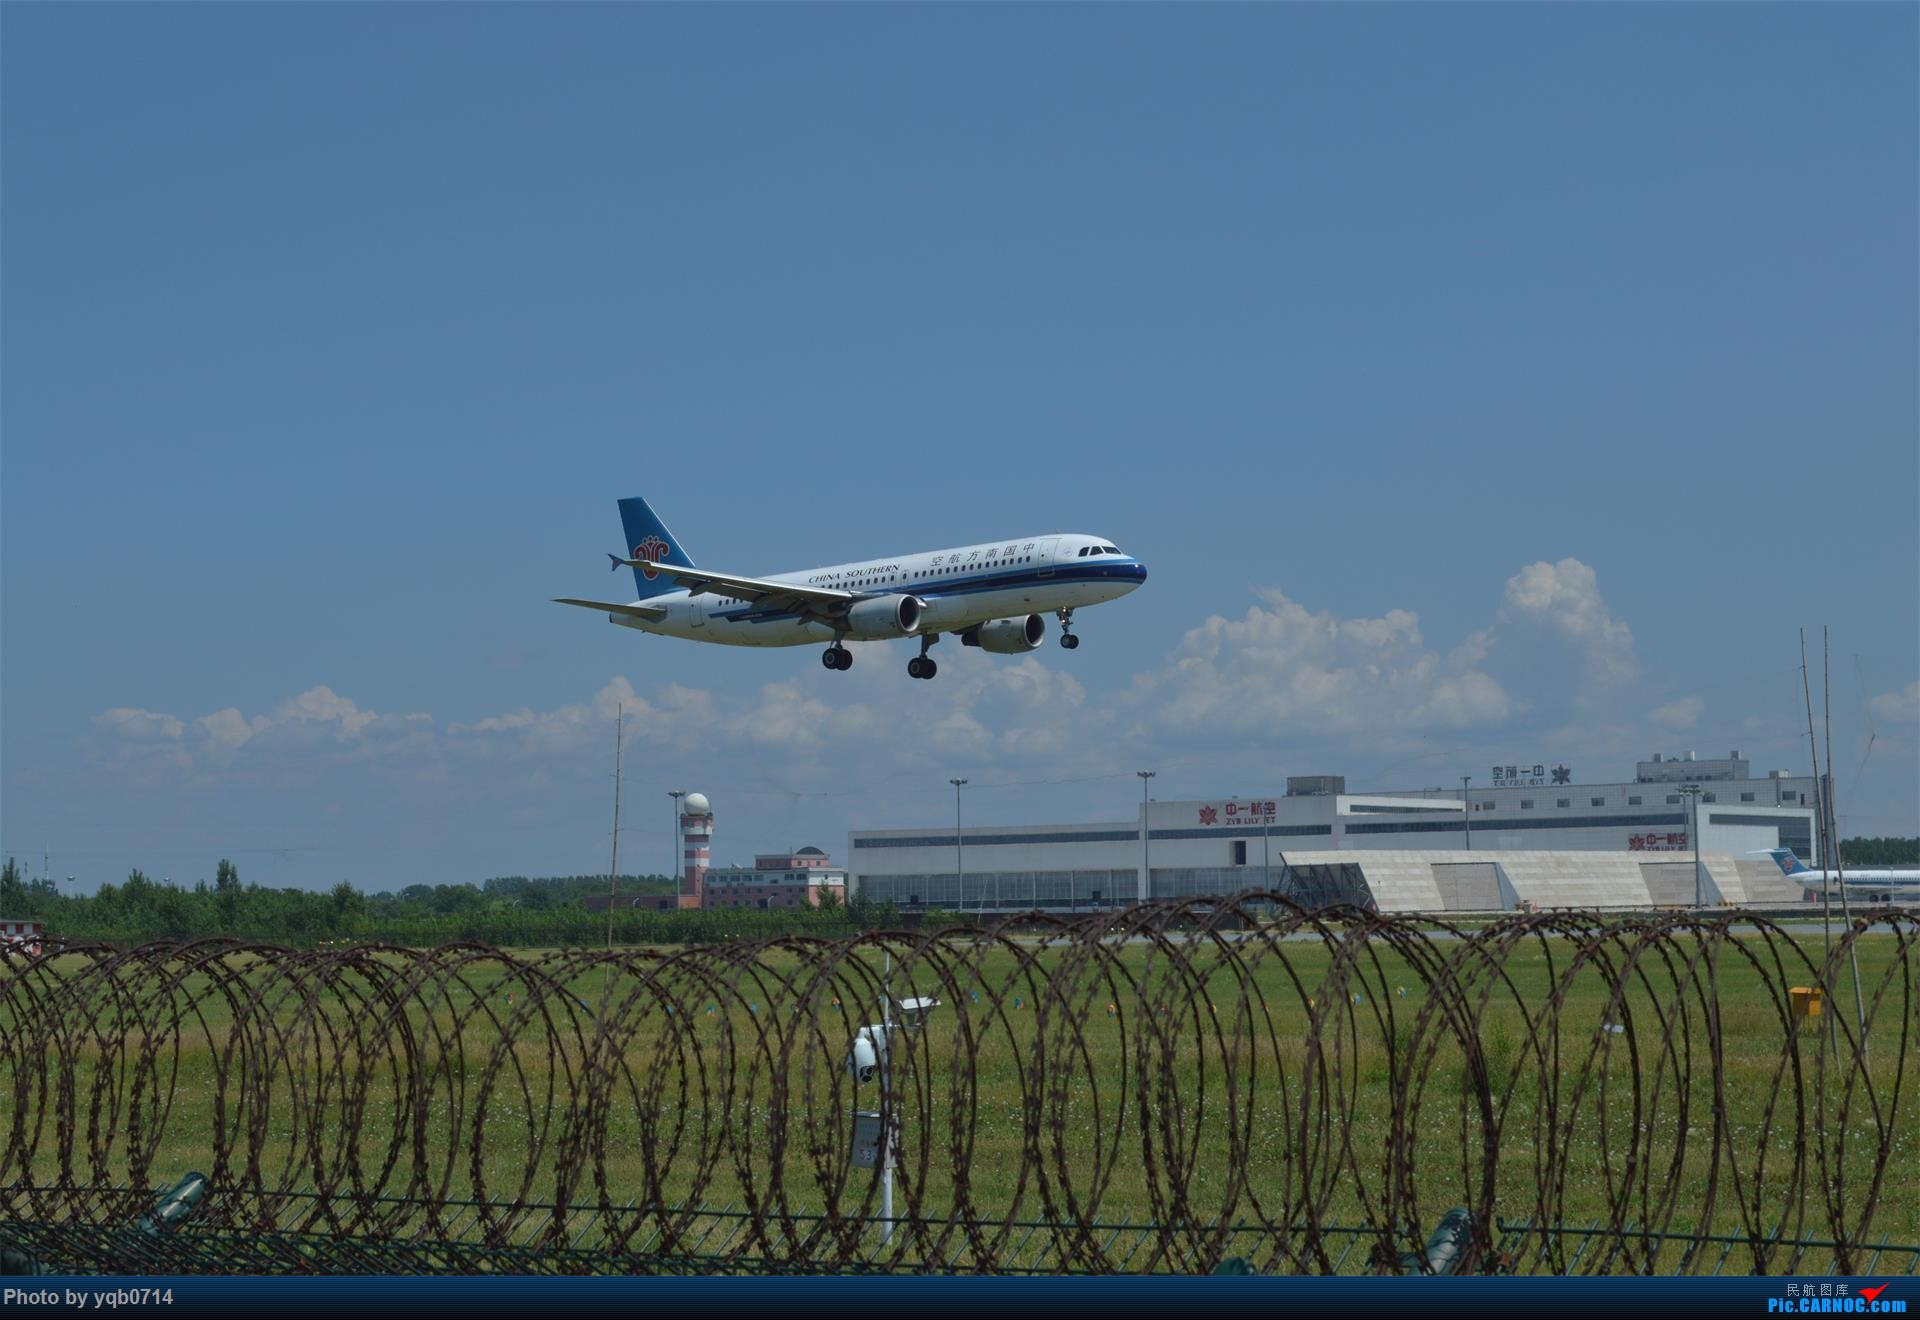 Re:[原创]出来炸道,喜欢星空联盟的小反!!!! AIRBUS A320-200 B-6255 中国沈阳桃仙国际机场